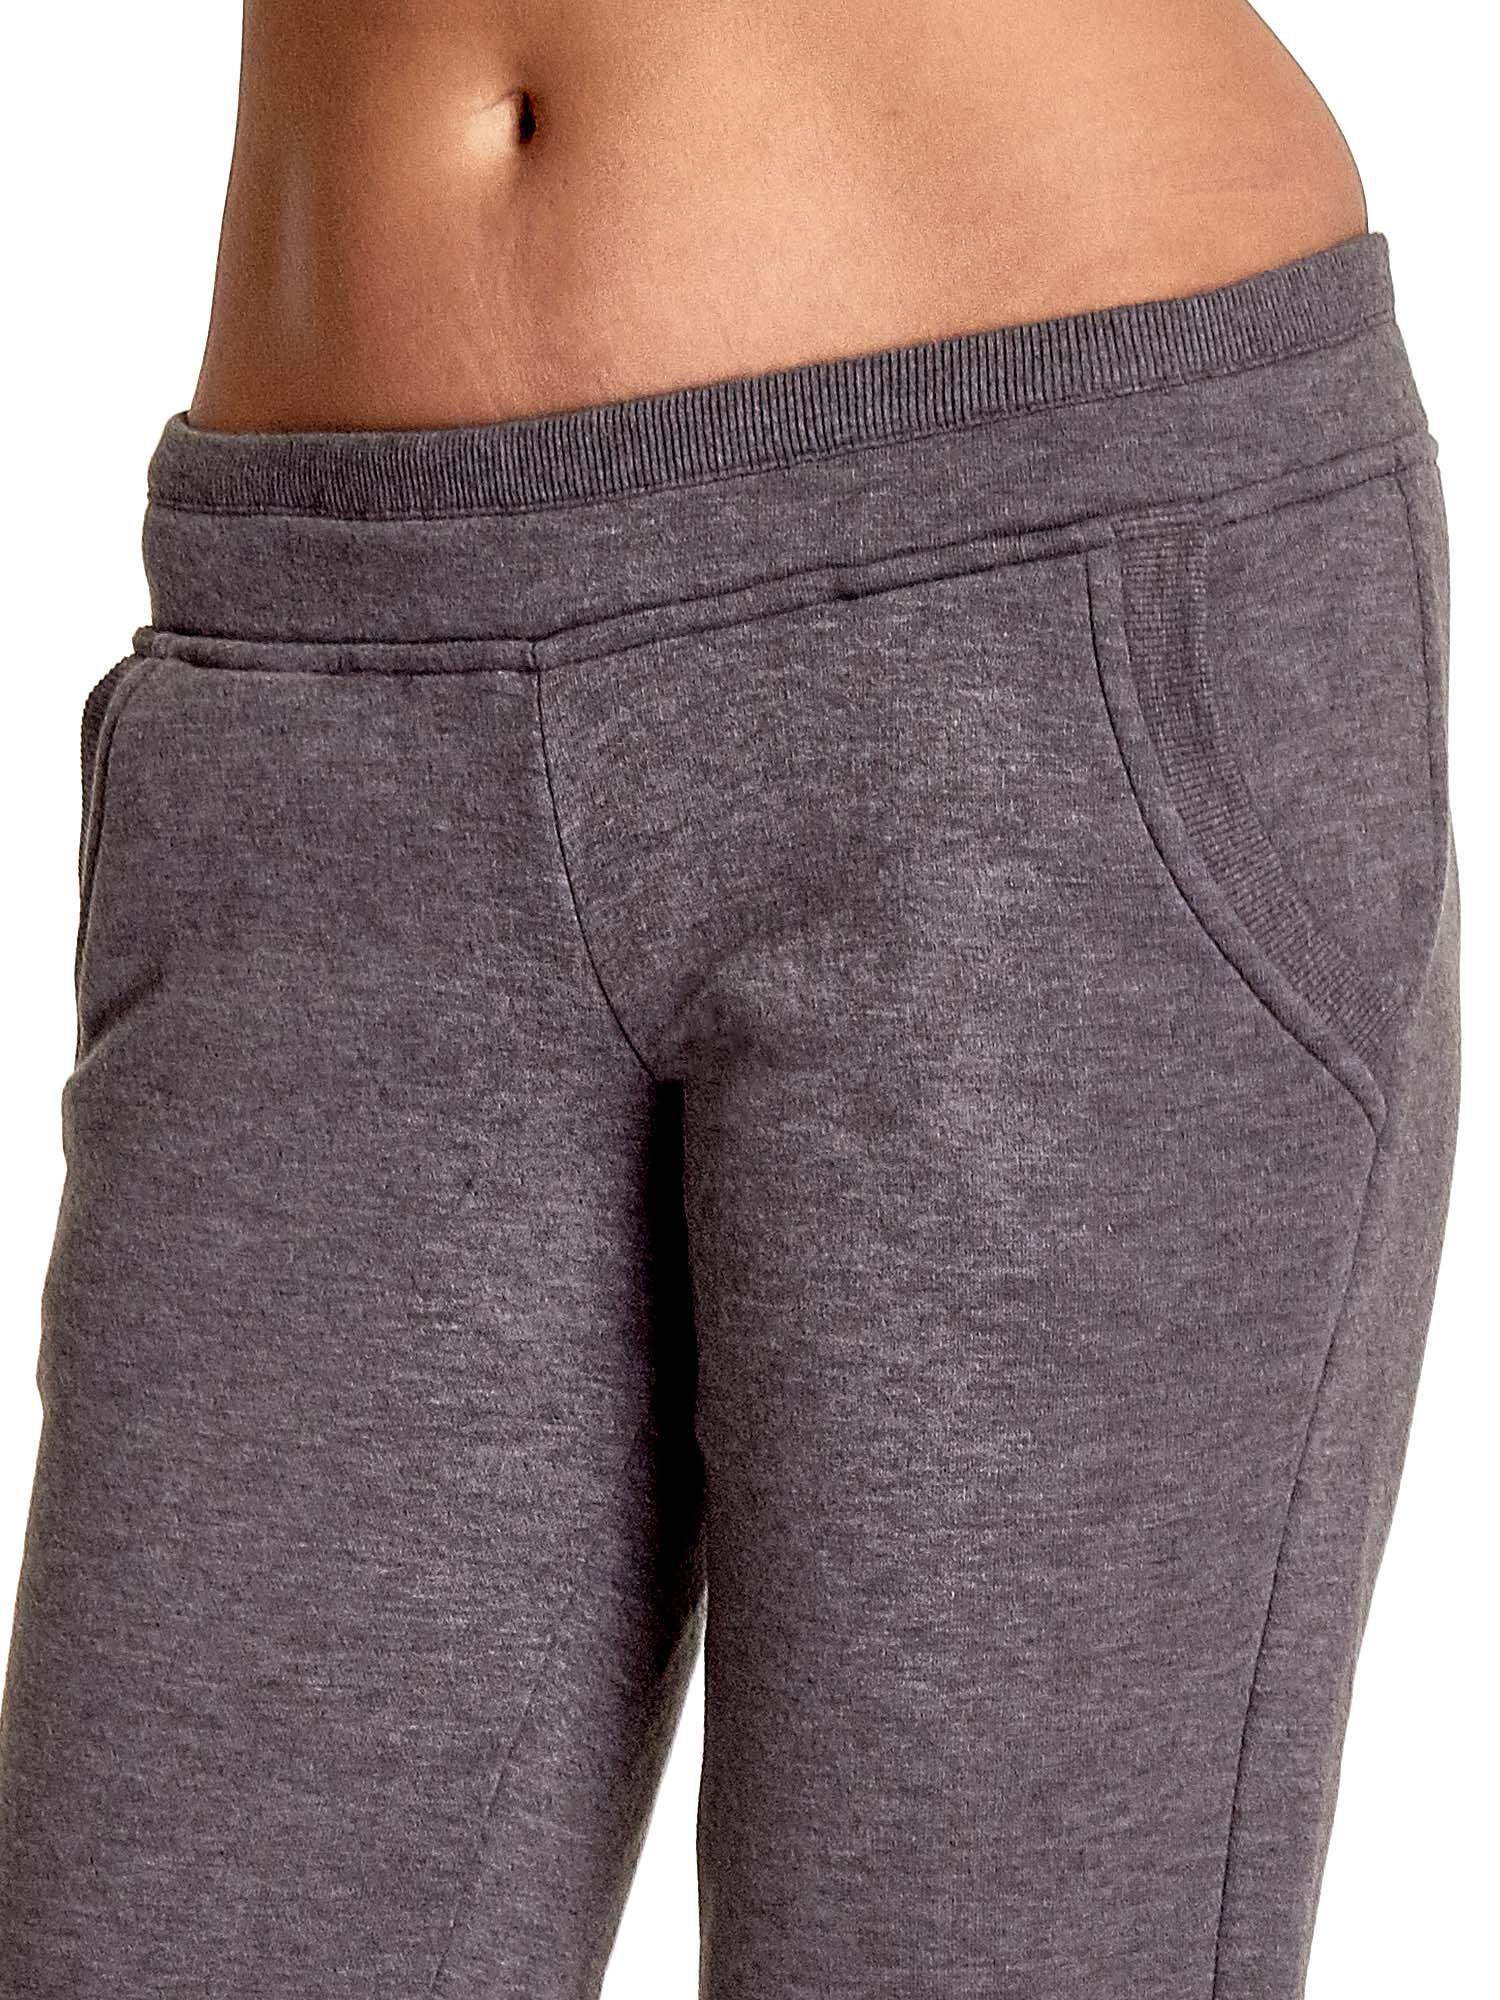 Szare spodnie dresowe z guziczkami przy ściągaczu                                  zdj.                                  5